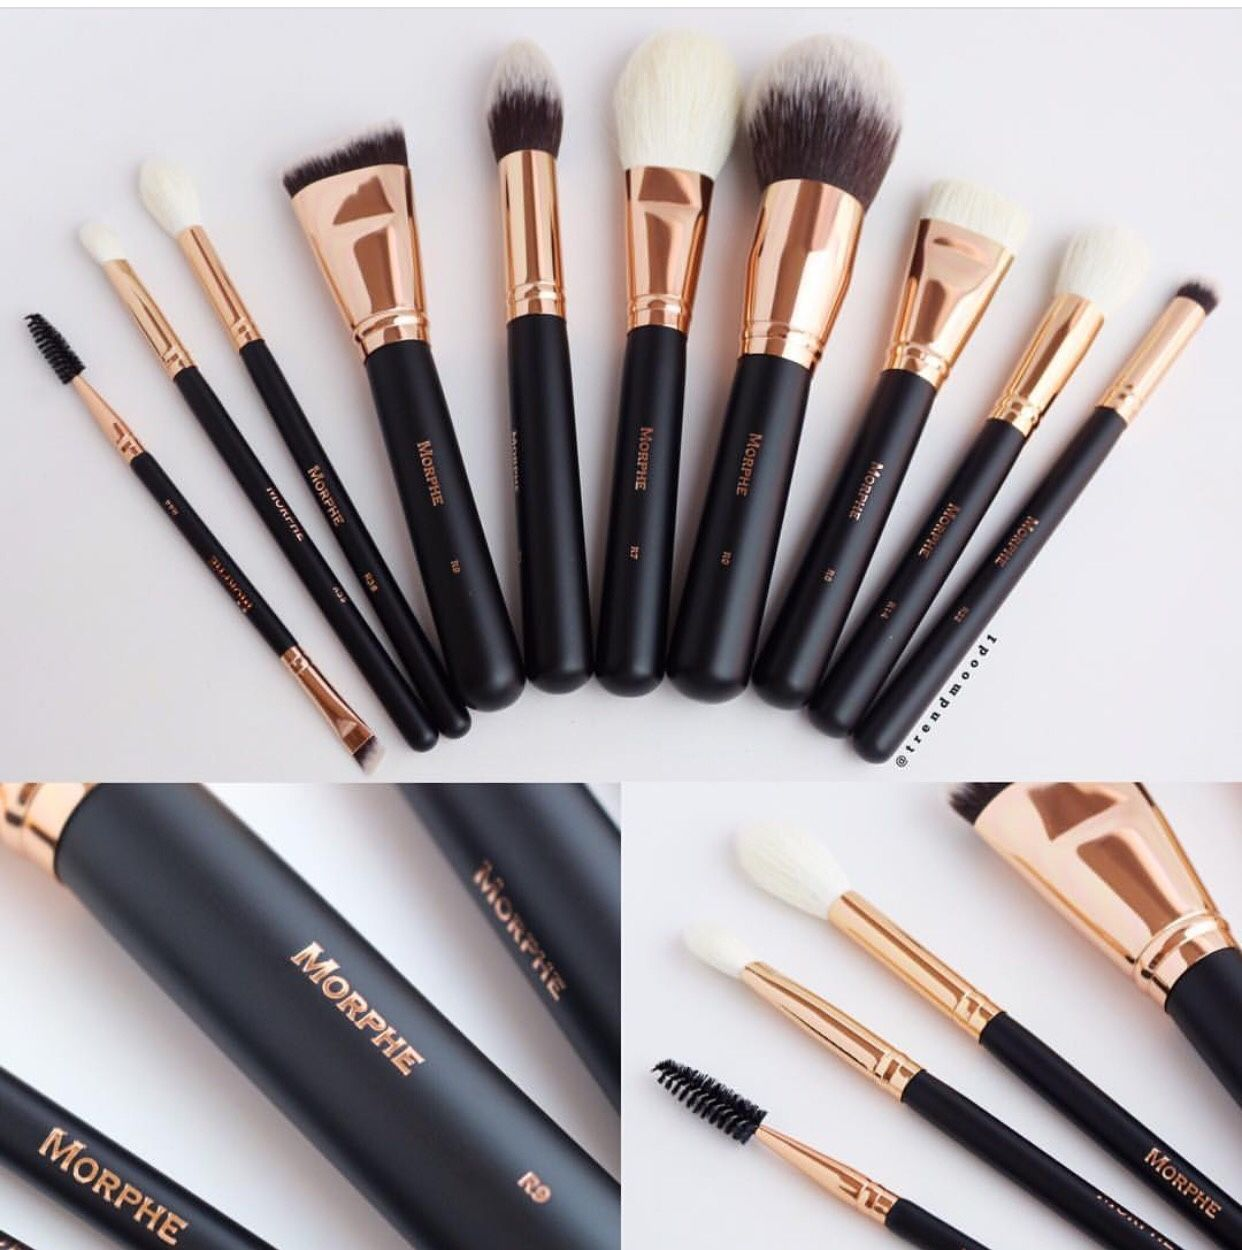 ⚡️NEW⚡️ Rose Gold Brush Set from Morphe Brushes! 10